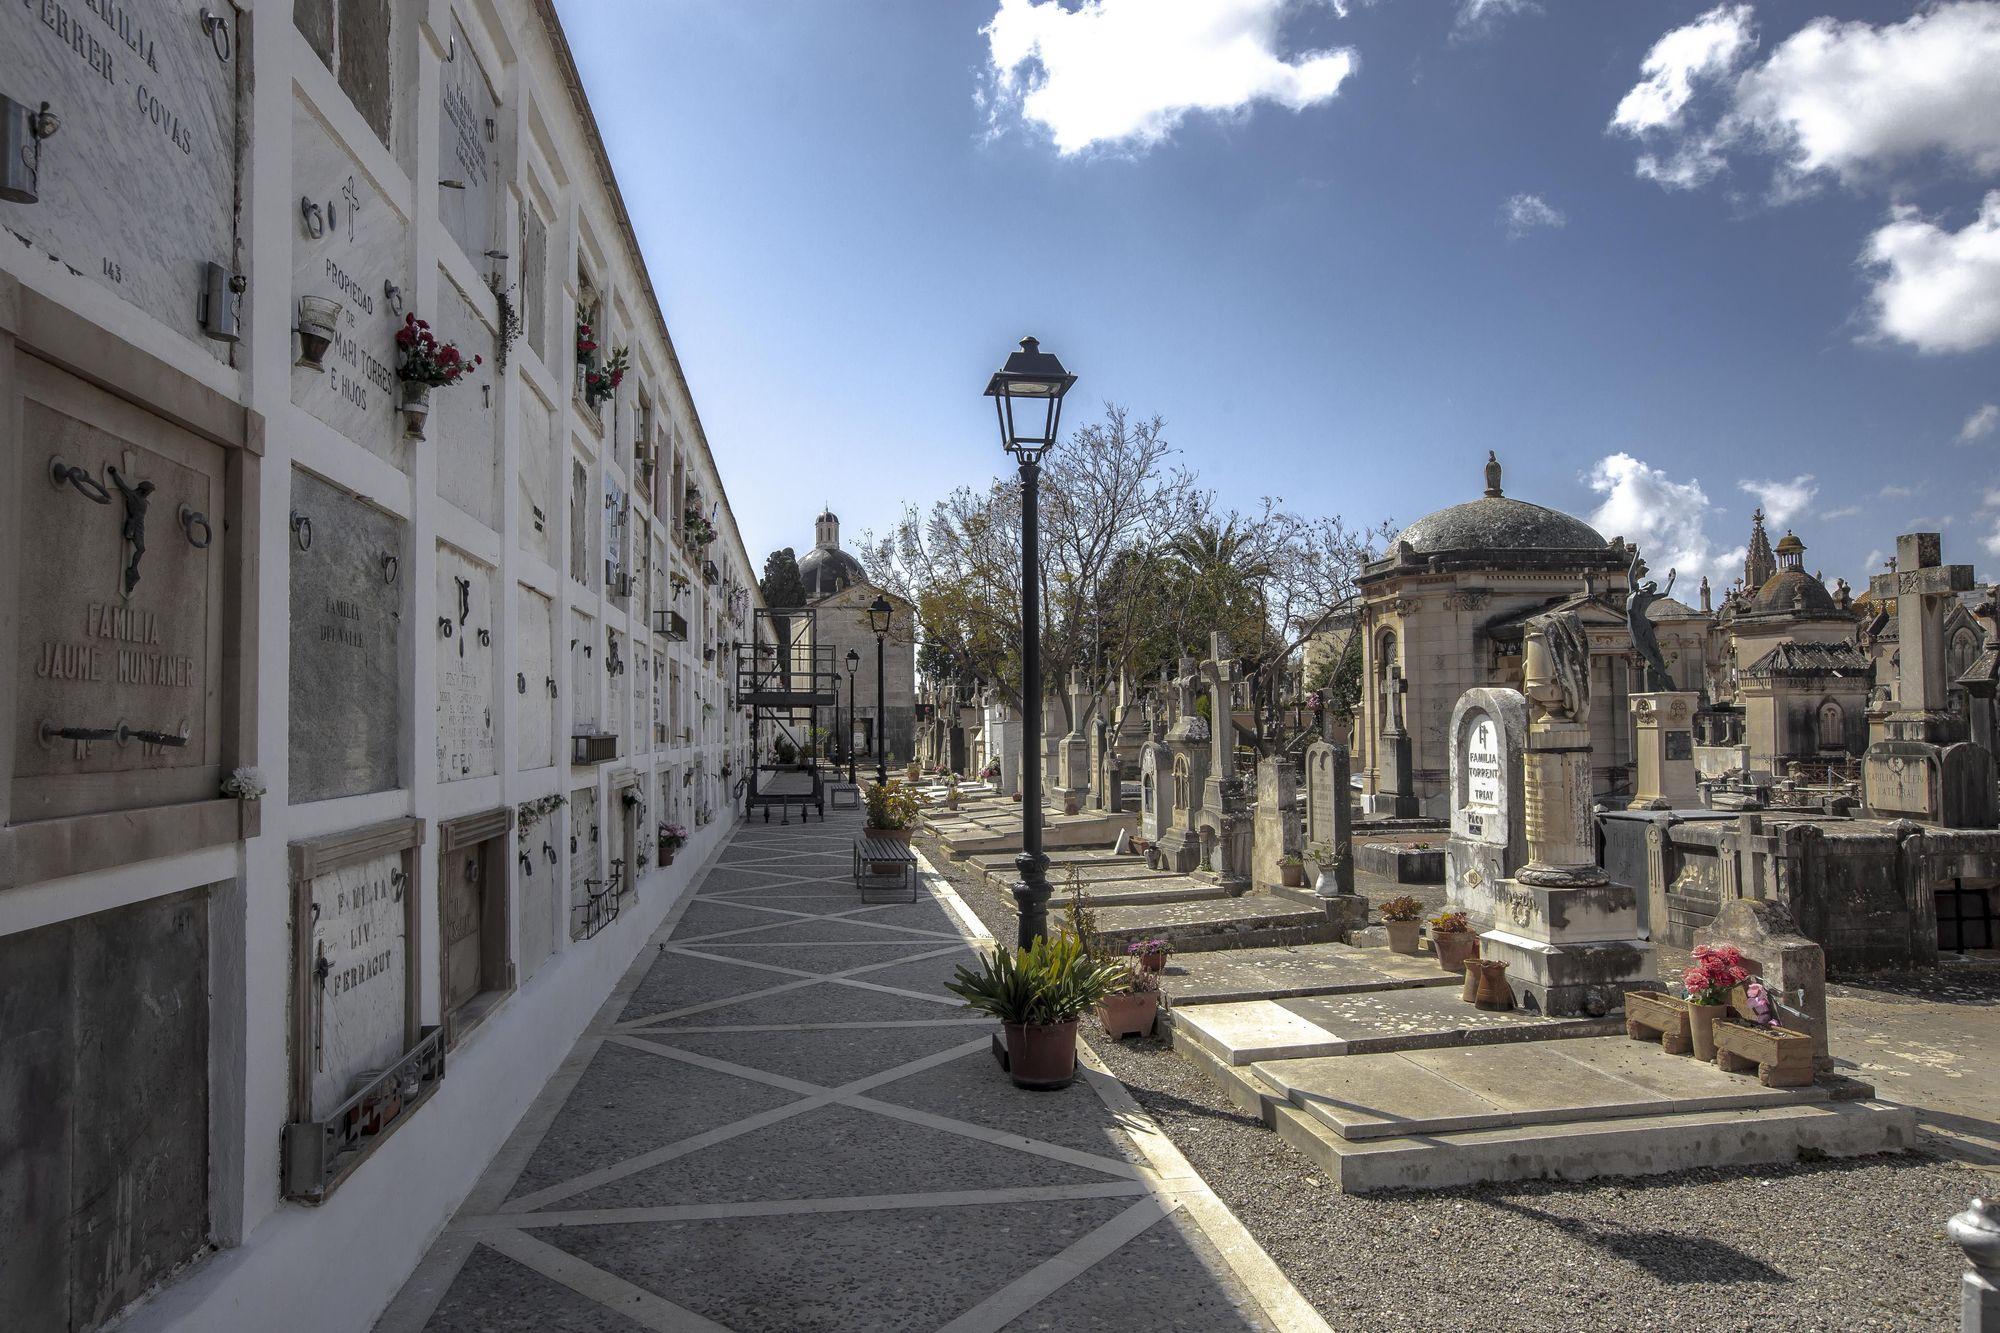 El cementerio de Palma acumula dos siglos de historia y arte